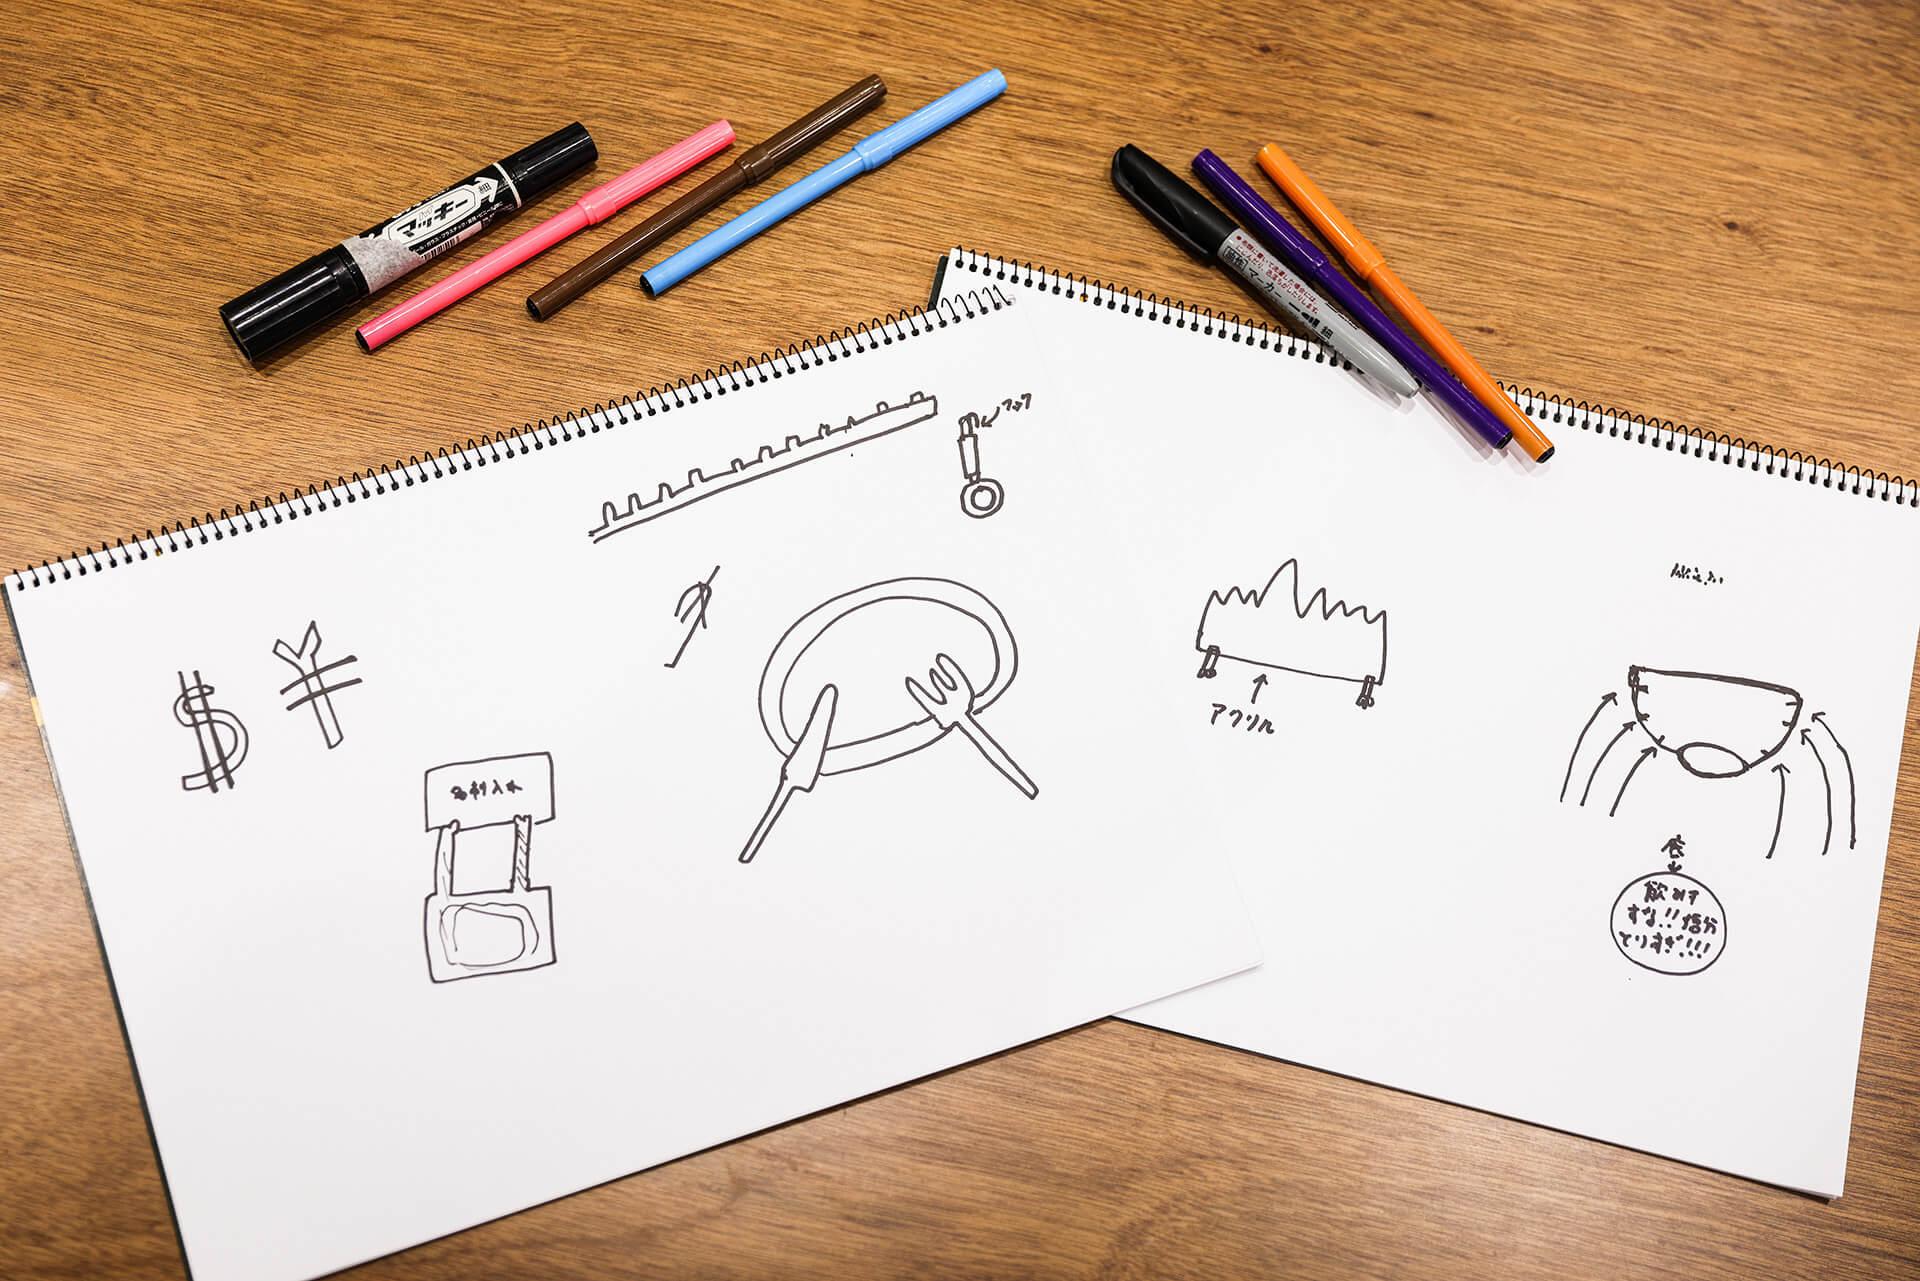 アーティスト・ぼく脳が仕掛ける『EkiLabものづくりAWARD2021』側方支援企画「既成概念という箱を壊せ!」 interview-ekilab-bokunou-10